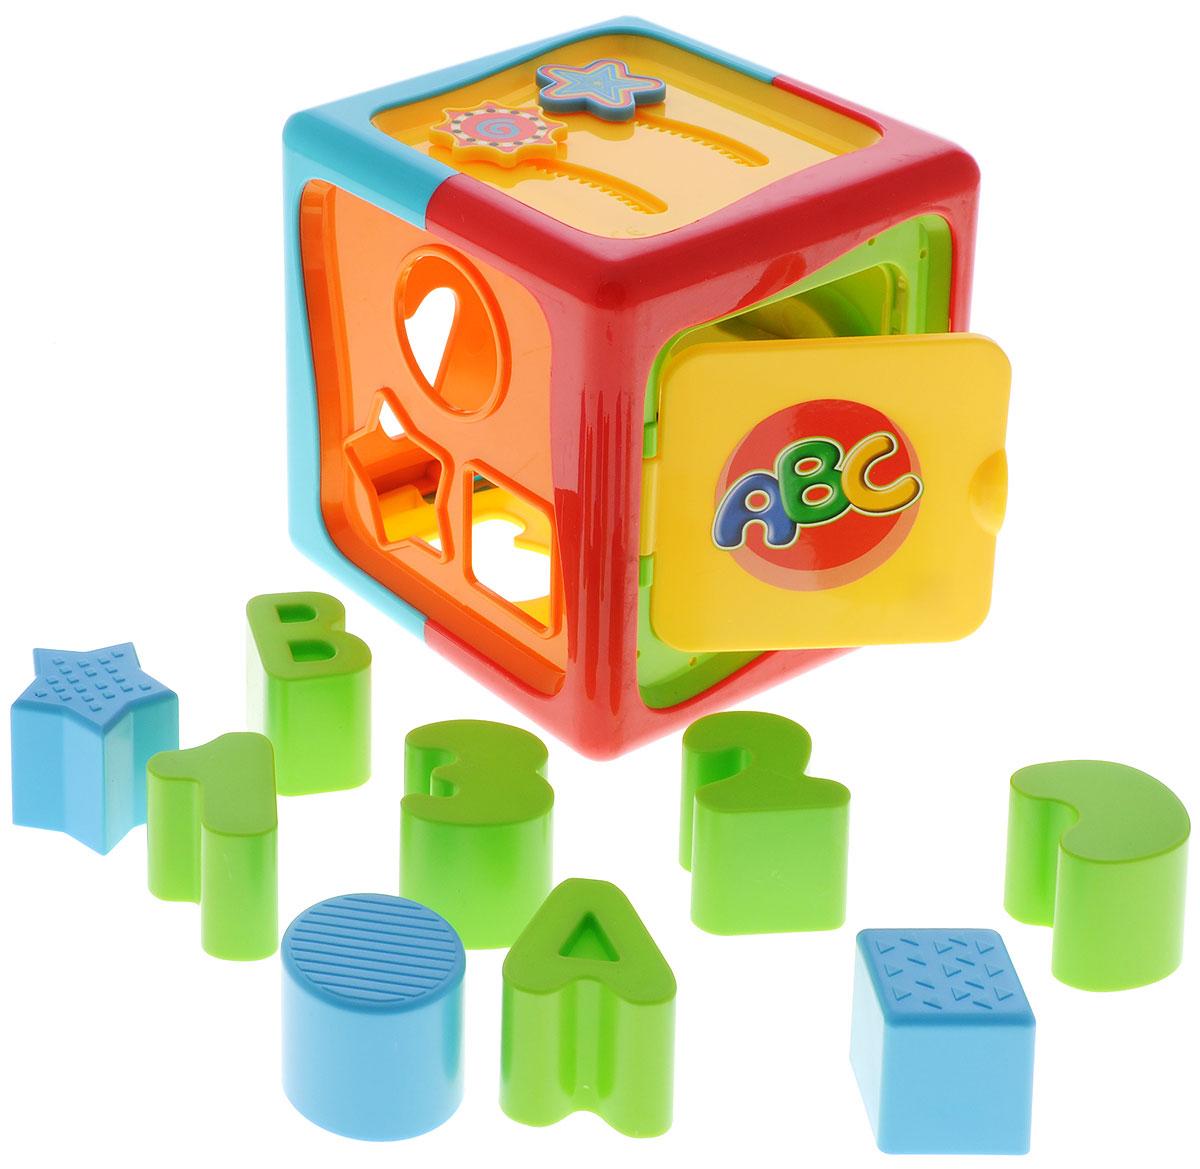 Simba Сортер Куб4011647Сортер Simba Куб с цифрами и фигурами представляет собой развивающую игрушку для малышей, выполненную из высококачественного пластика. На двух гранях расположены подвижные элементы: шестеренки и двигающиеся по заданной траектории звездочка и солнышко. Игрушка не имеет острых углов, поэтому, играя с ней, ребенок не получит никаких травм. Изделие оснащено открывающейся дверцей. На поверхности куба имеются отверстия разной формы, через которые внутрь можно помещать пластиковые элементы, входящие в набор. Во время игры у ребенка развивается координация движений, моторика рук, а также приобретается навык установления причины и следствия.